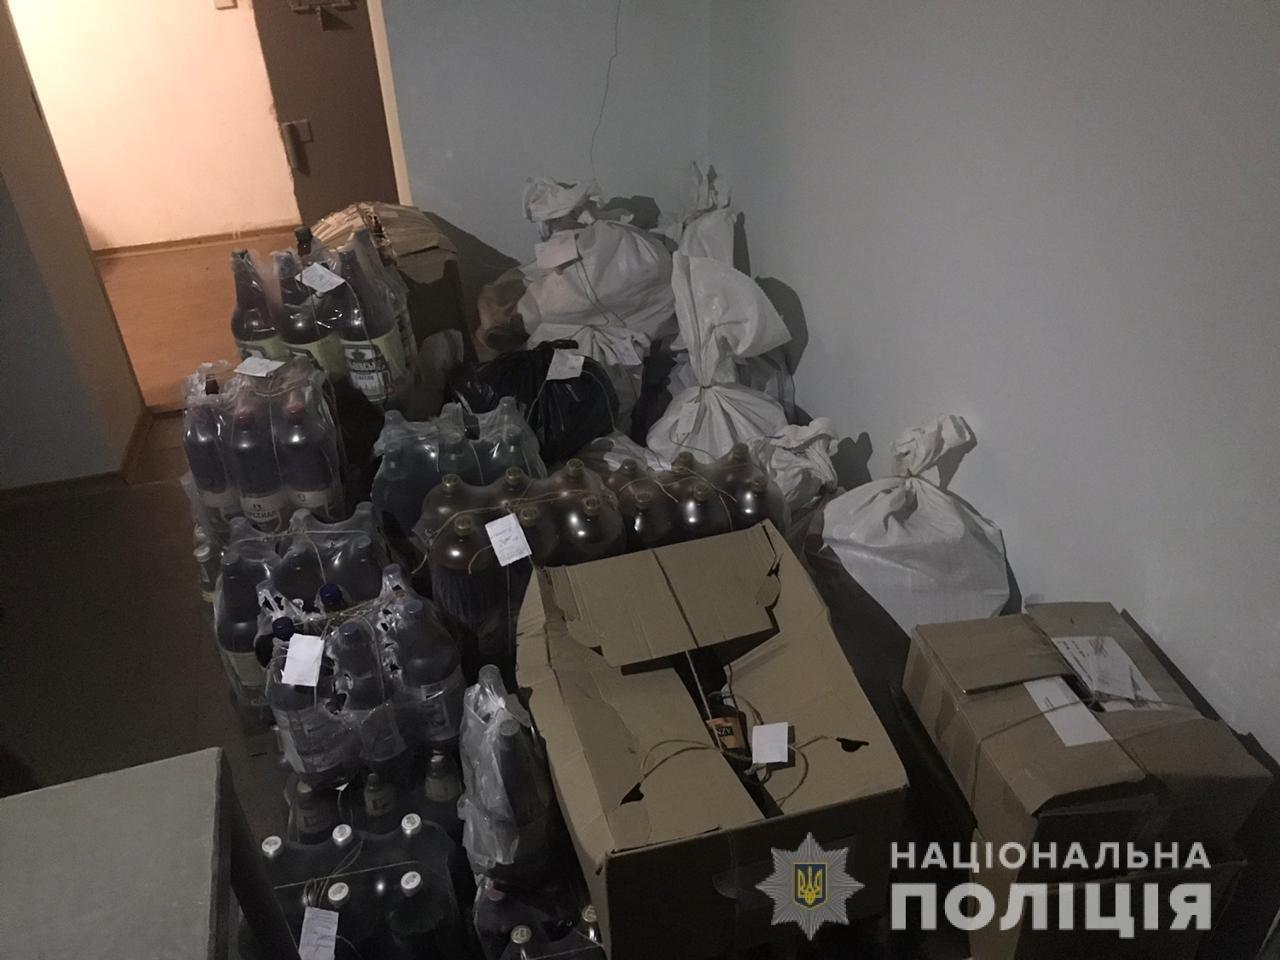 В Днепропетровской области правоохранители изъяли более 600 бутылок незаконного алкоголя, - ФОТО, фото-2